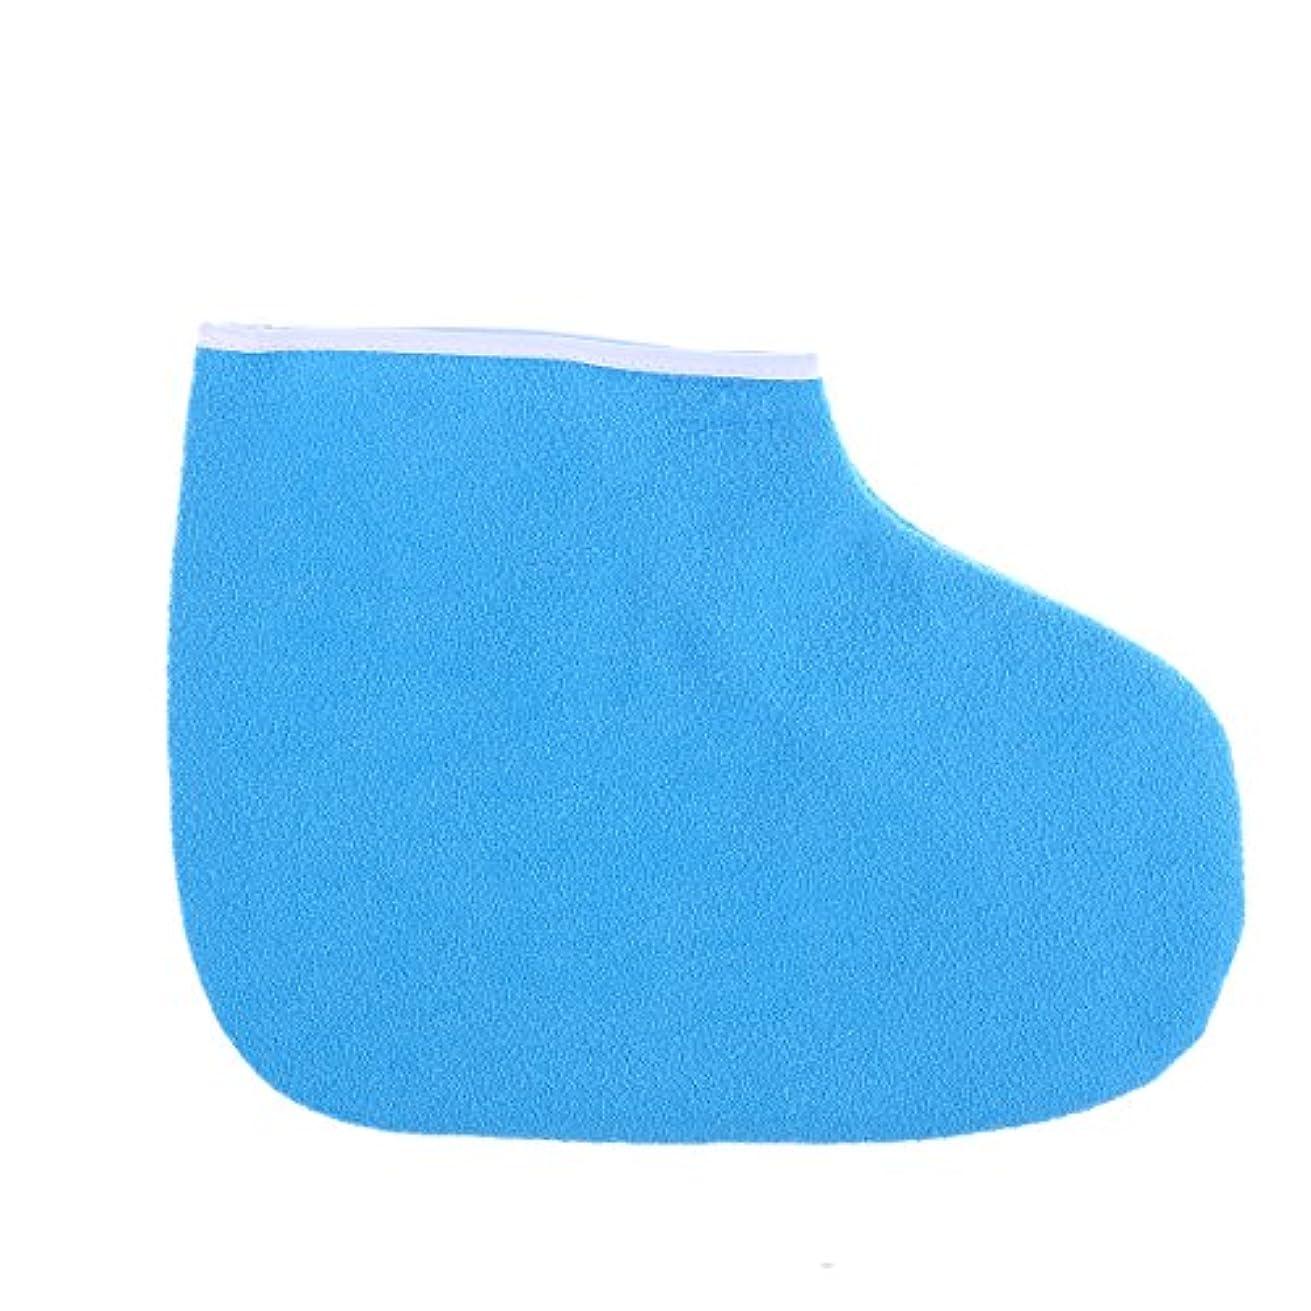 からかう調整接辞Healifty パラフィンワックスブーティーマニキュアペディキュアトリートメントブーツ(ブルー)